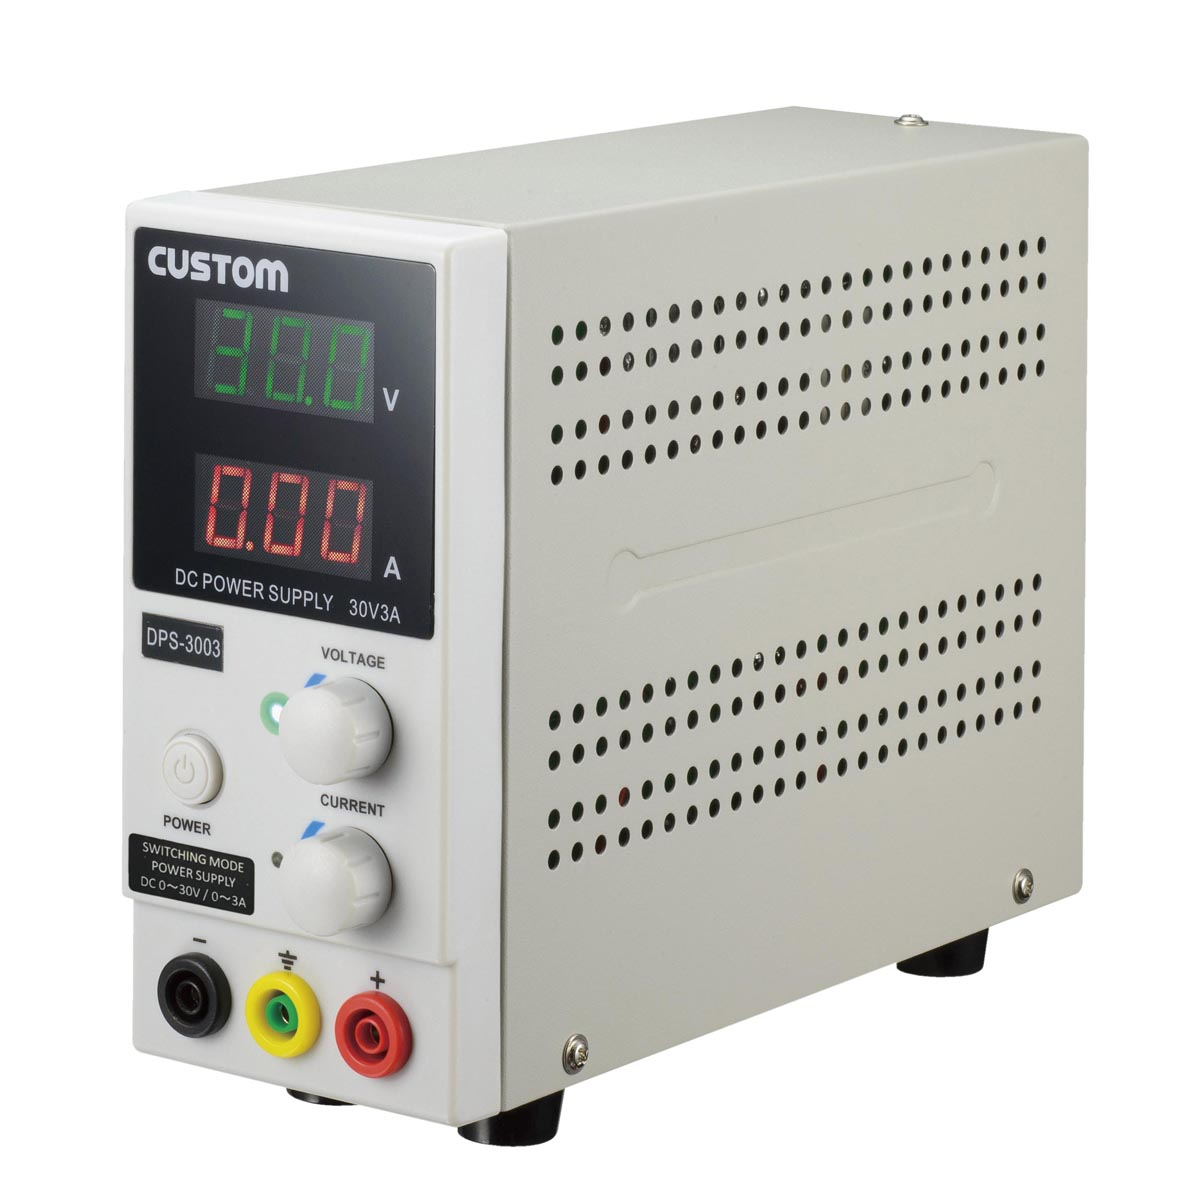 カスタム 直流安定化電源装置 DPS-3003